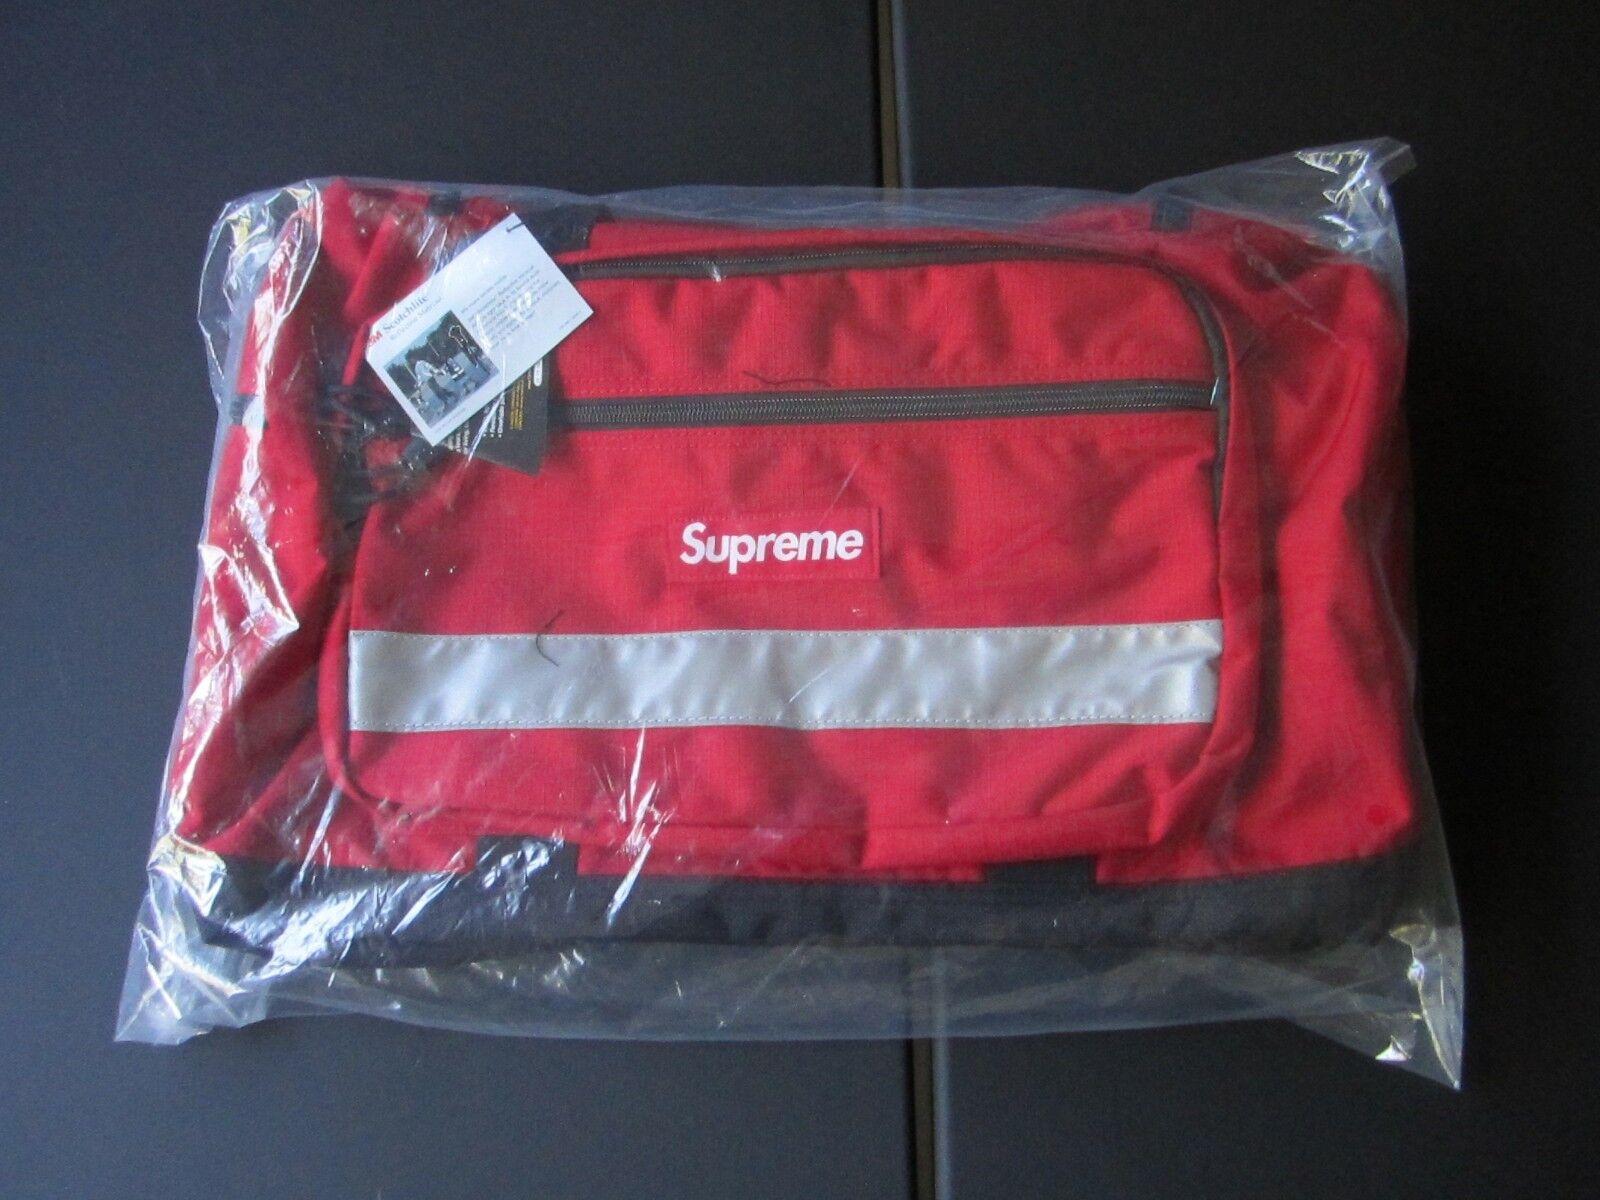 SUPREME HI-VIS DUFFLE BAG ROT 3M SCOTCHLITE CORDURA CDG FW2014 BOX LOGO CDG CORDURA TNF fa292b